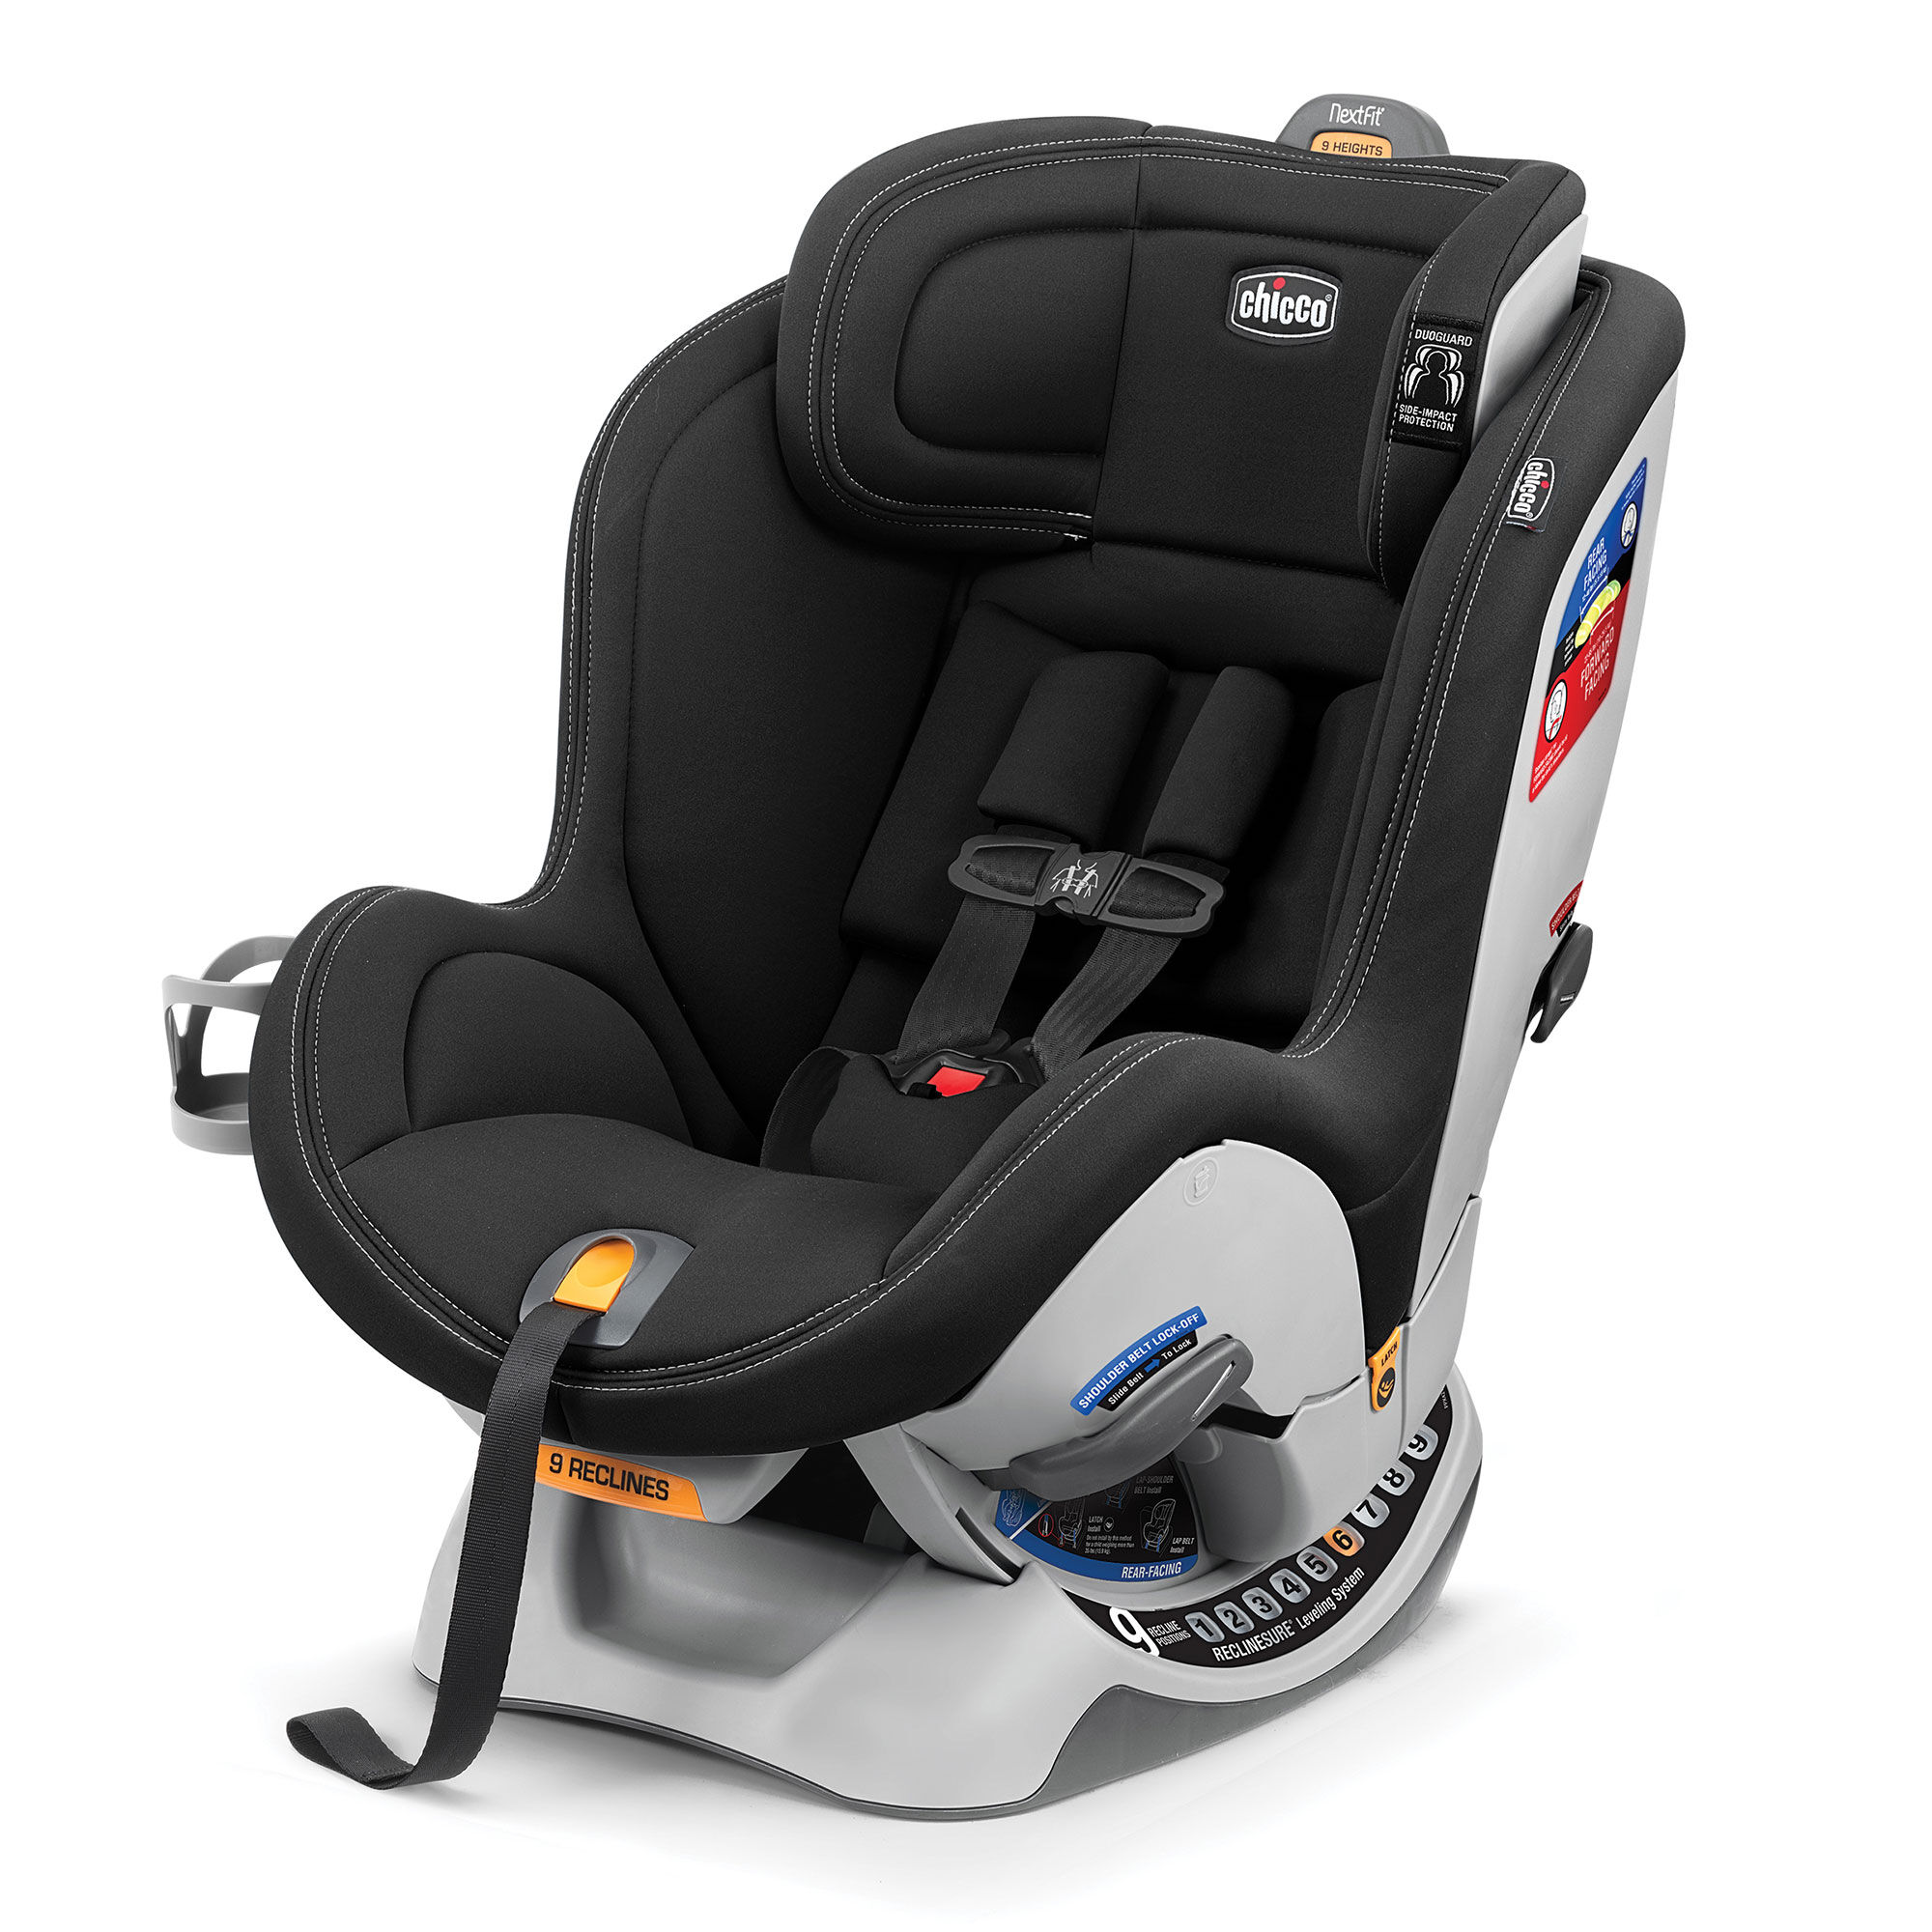 NextFit Sport Convertible Car Seat